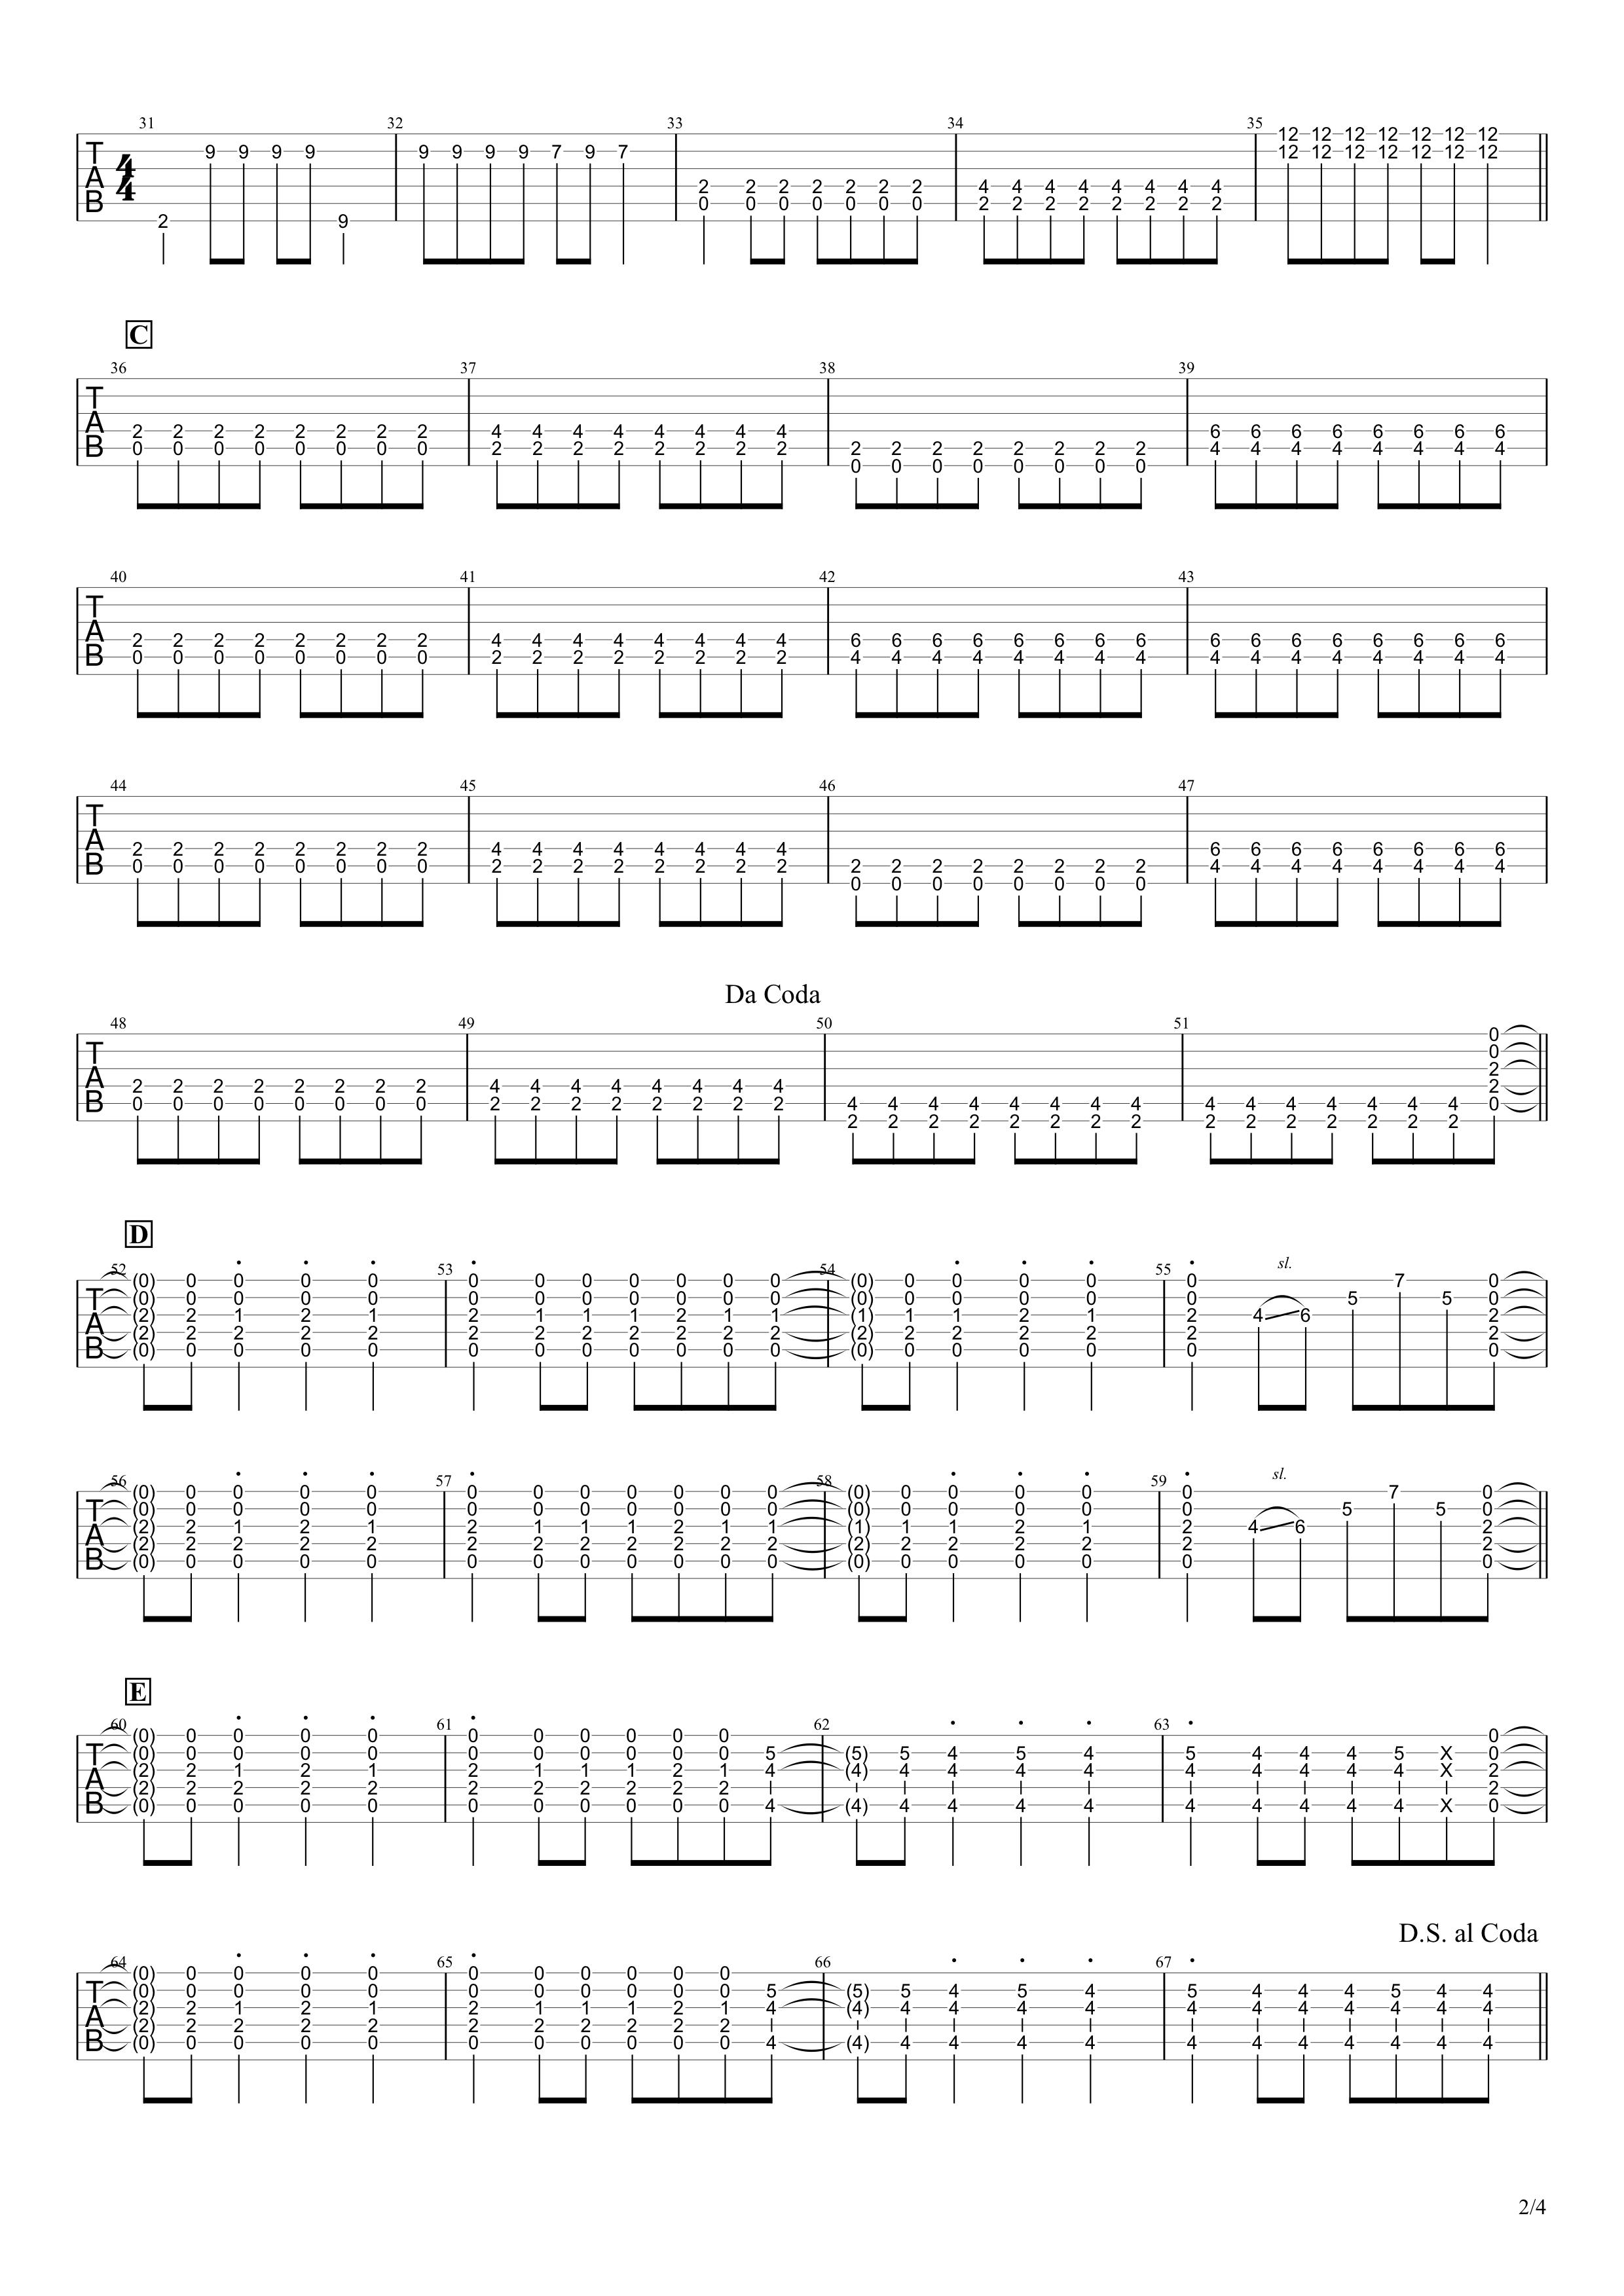 キミシダイ列車/ONE OK ROCK ギタータブ譜 リードギターほぼ完コピVer.02